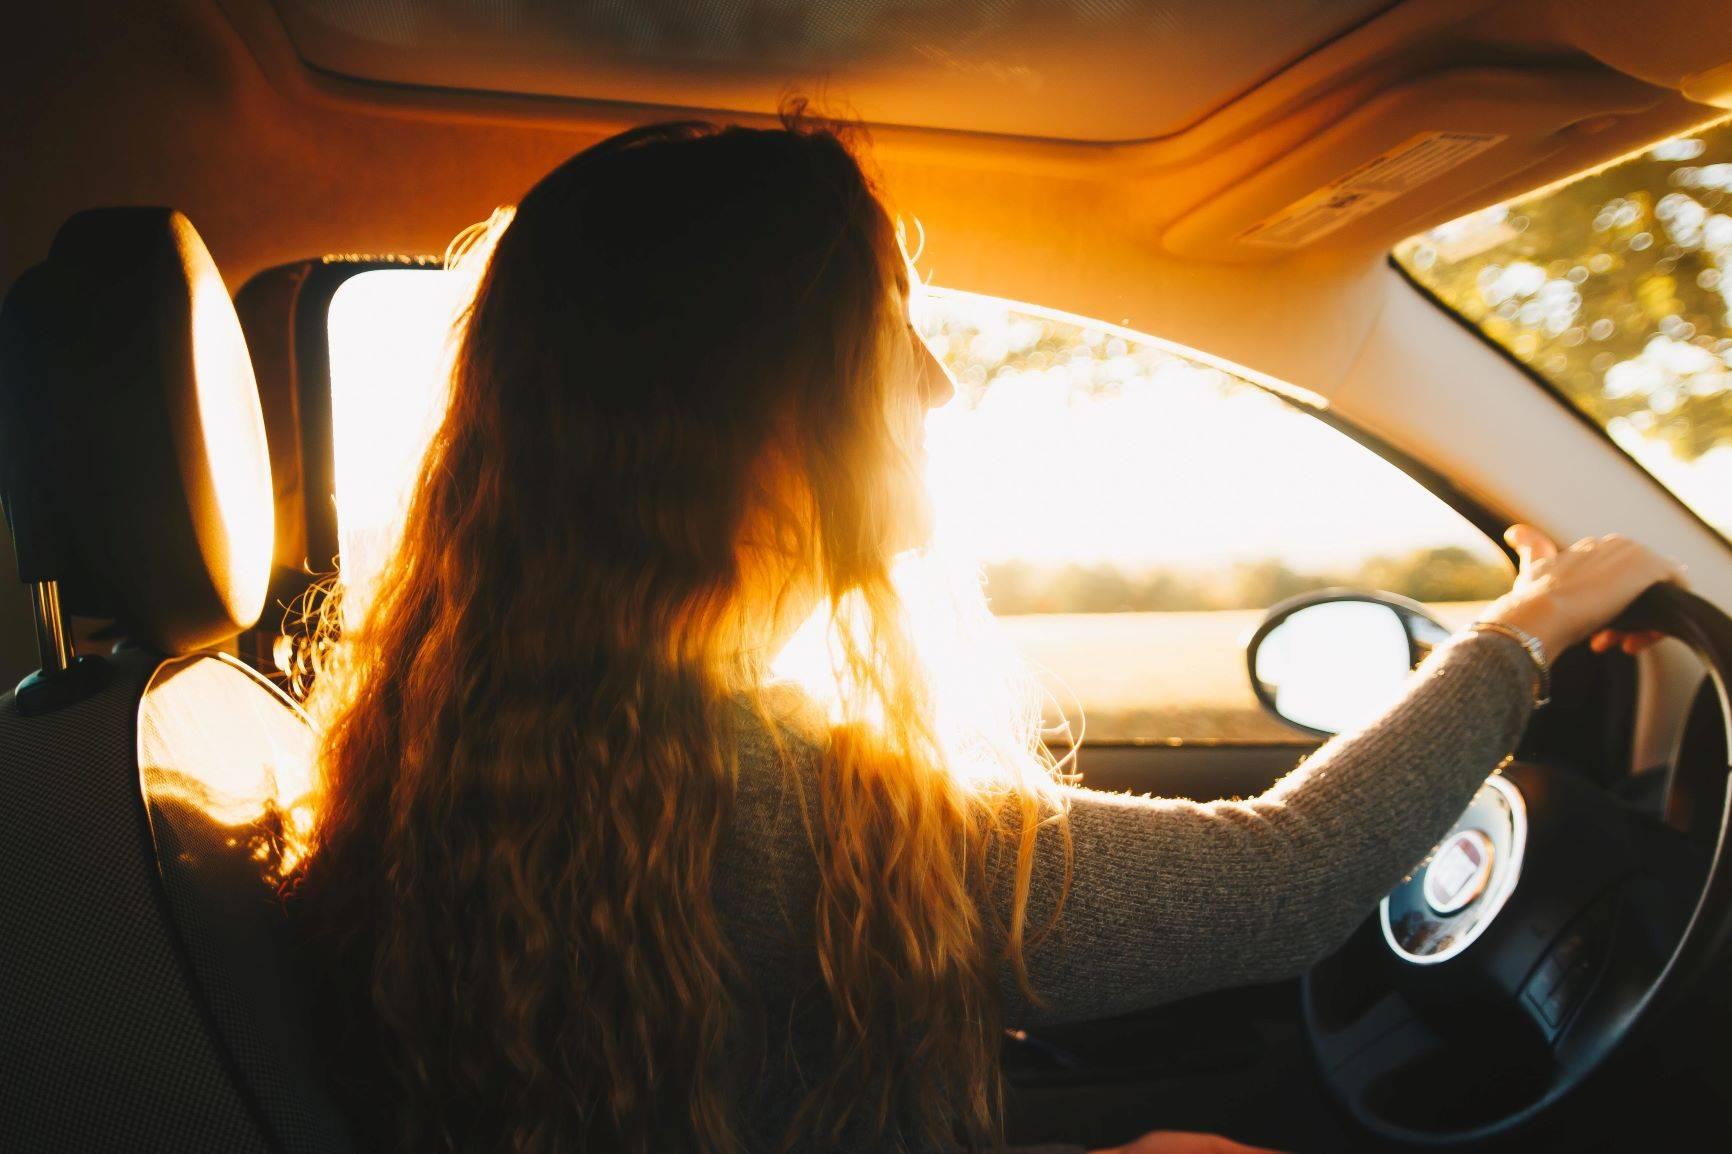 www.juicysantos.com.br - calor dentro do carro o que fazer